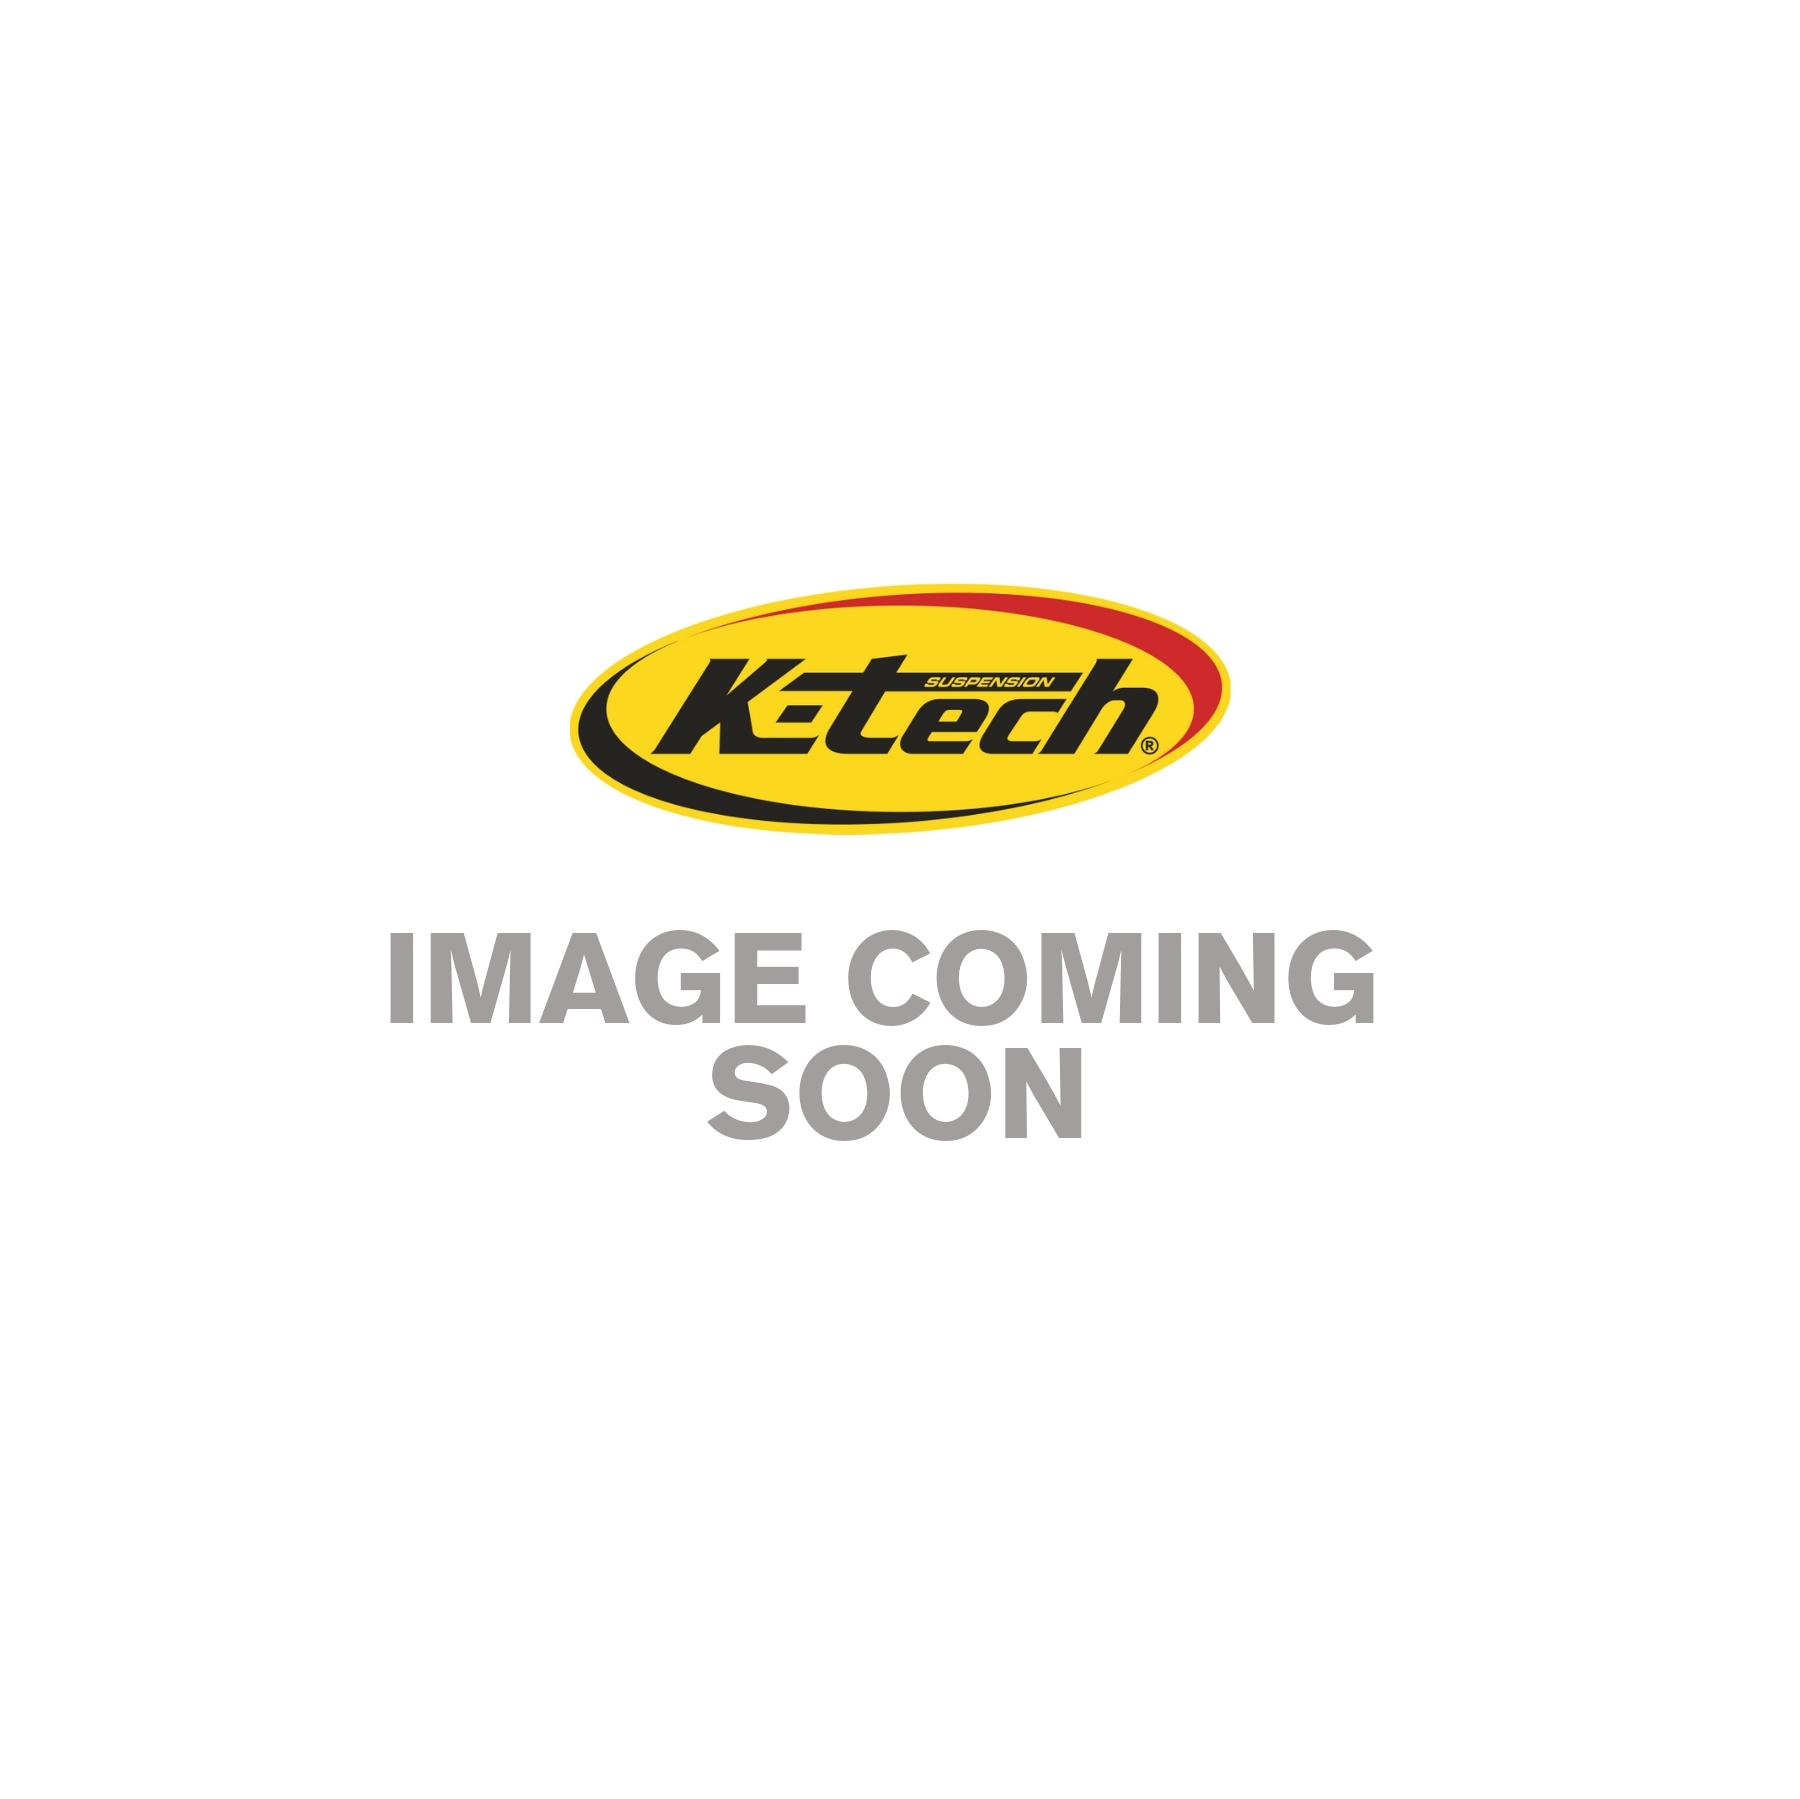 Tool - Shock Absorber Compression Valve Socket -24mm